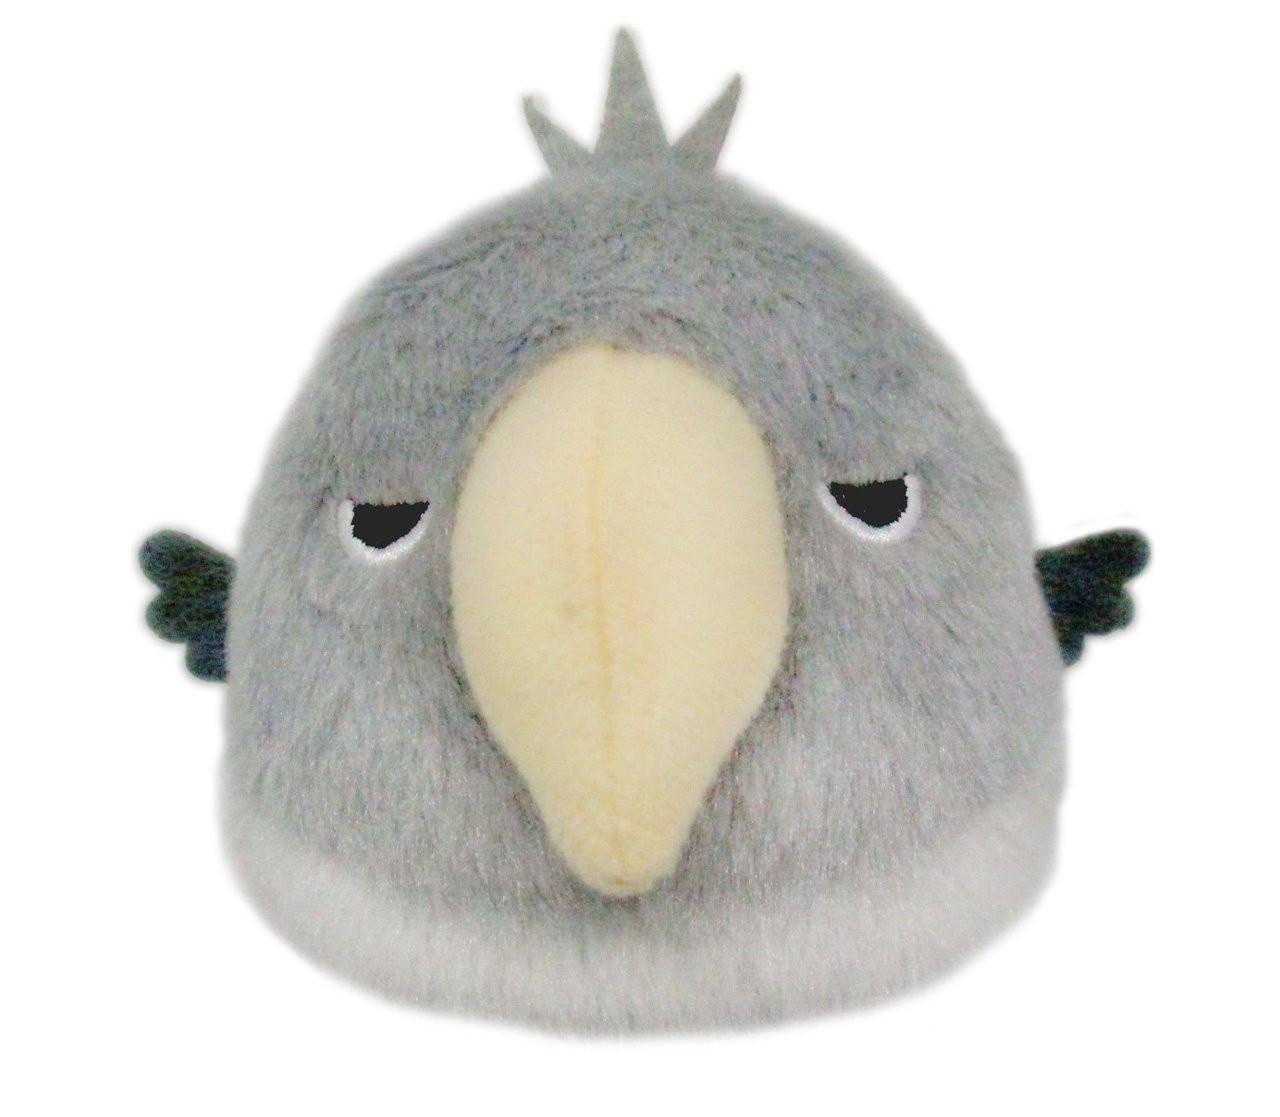 San-ei 092106 Tori-dango Plush Doll Sekisei Inko Shell Parakeet Blue TJN